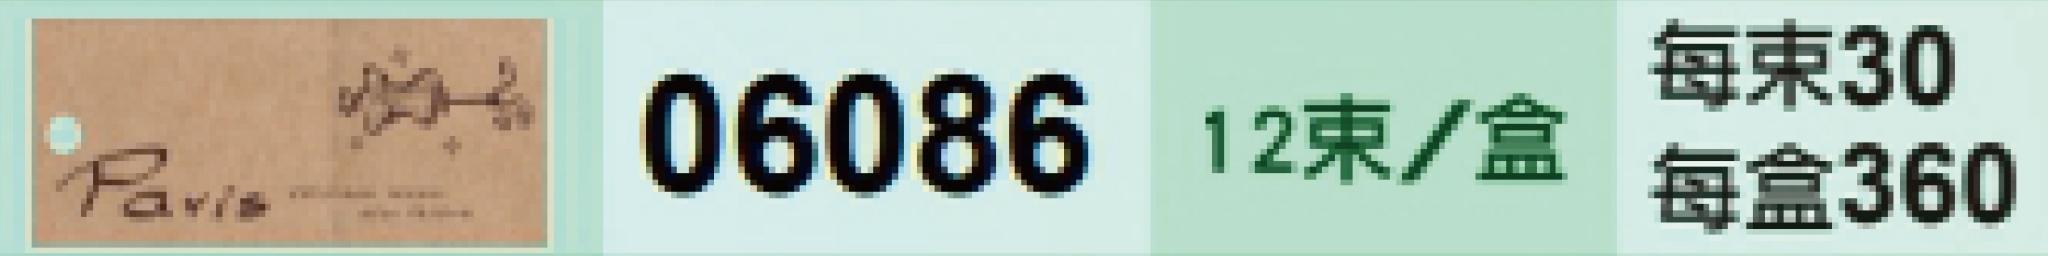 20181113 #8_181114_0005.jpg